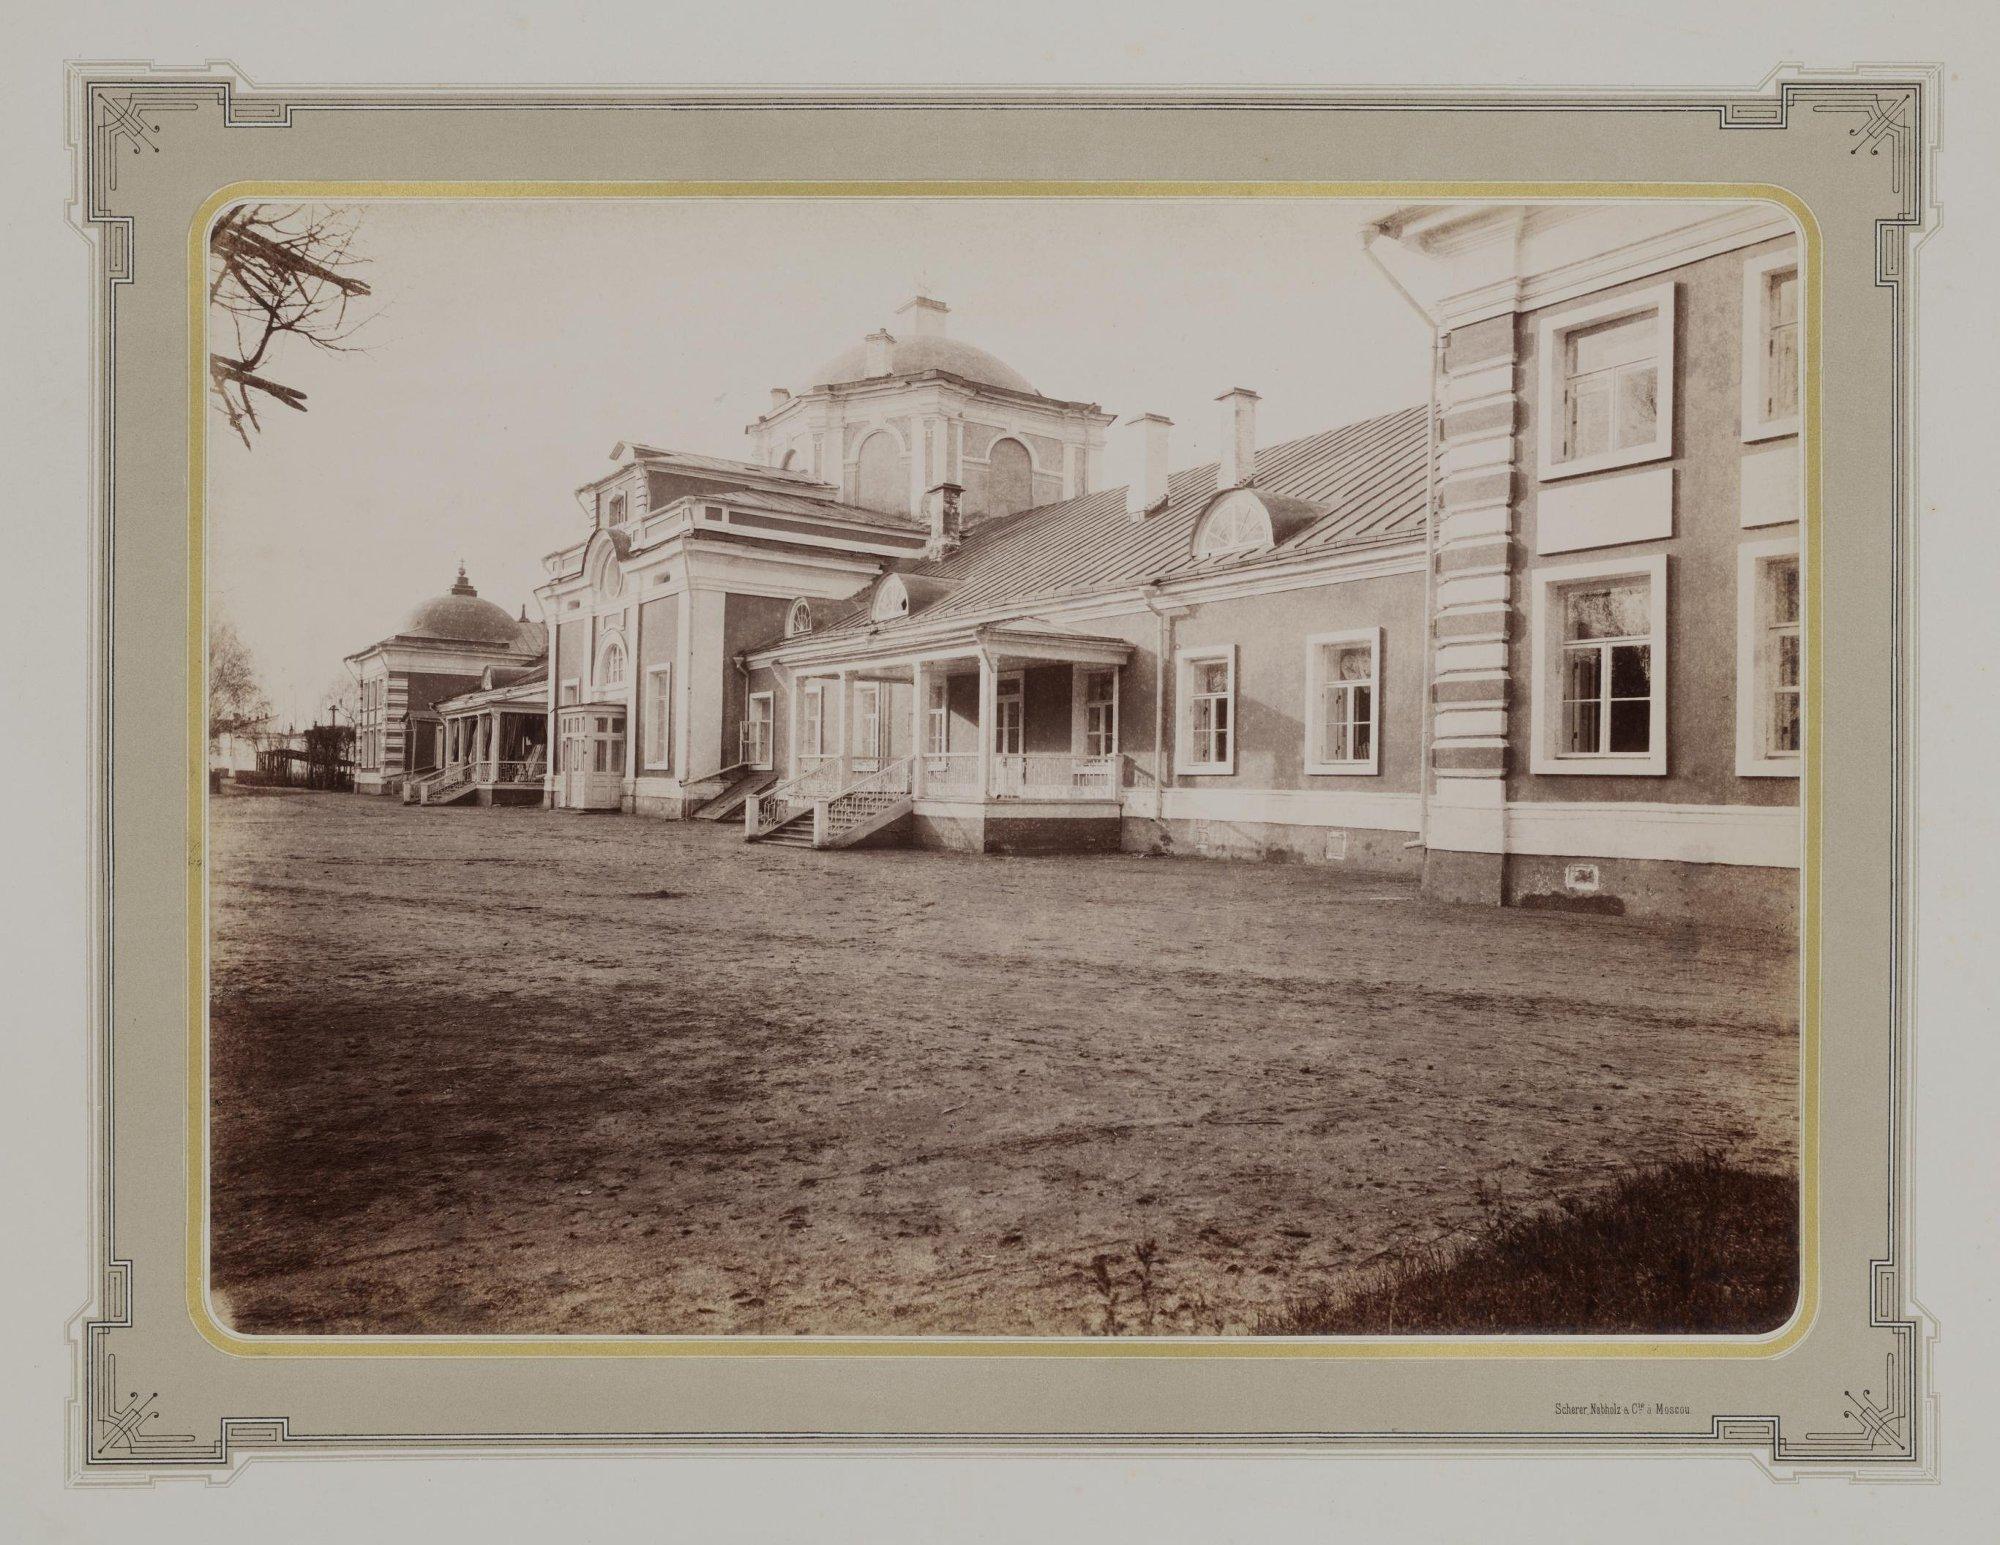 1883-1886. Усадьба Кусково. Северный фасад Оранжереи